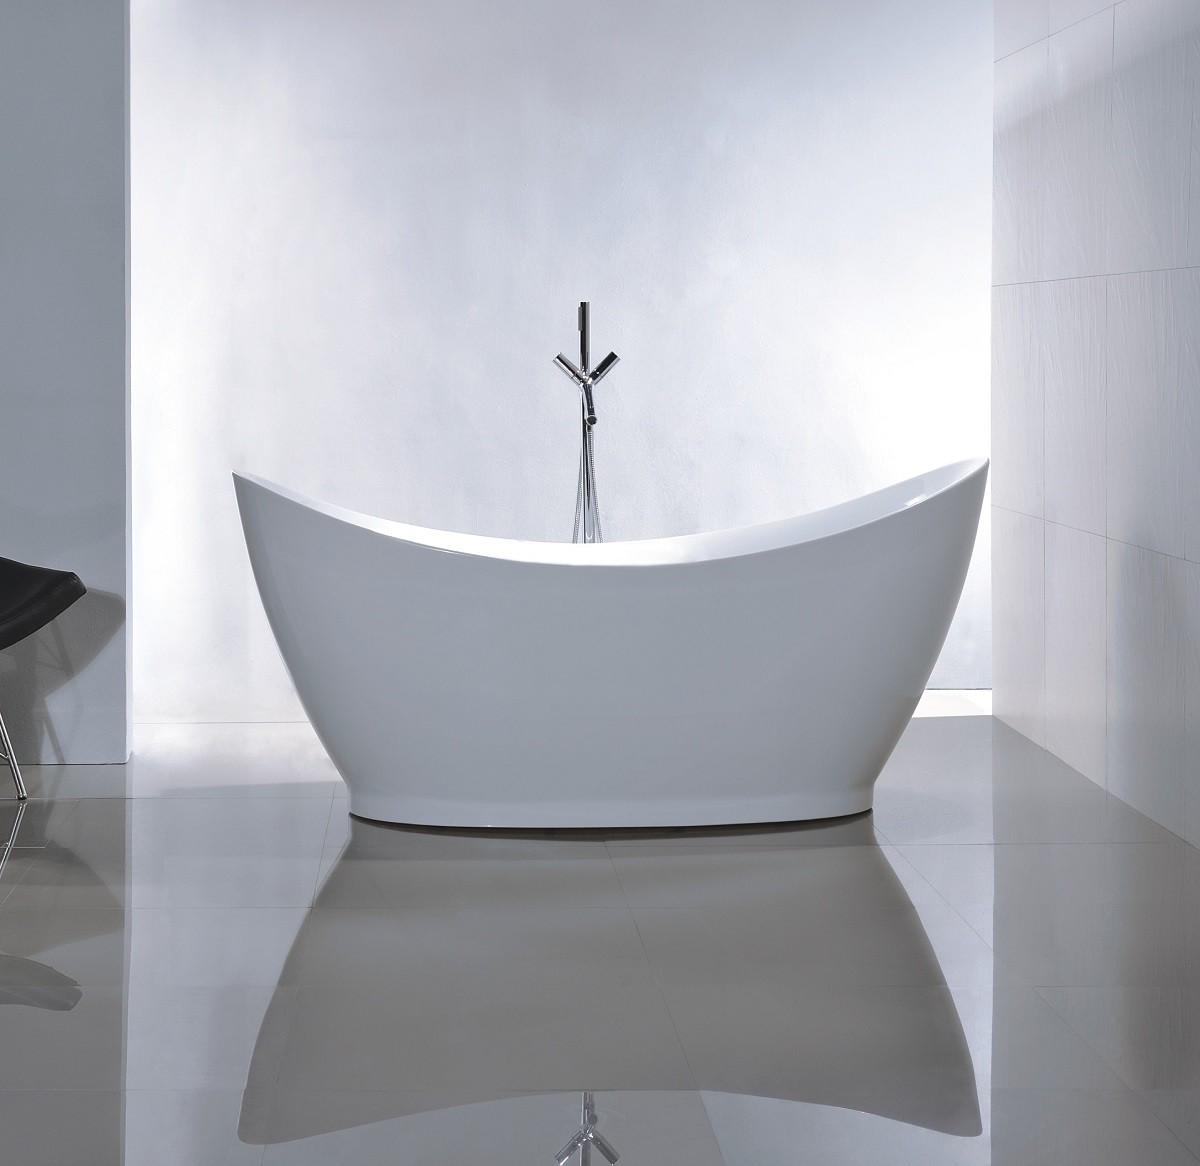 Ligbad op pootjes ontwerp inspiratie voor uw badkamer meubels thuis - Badkuip ontwerp ...